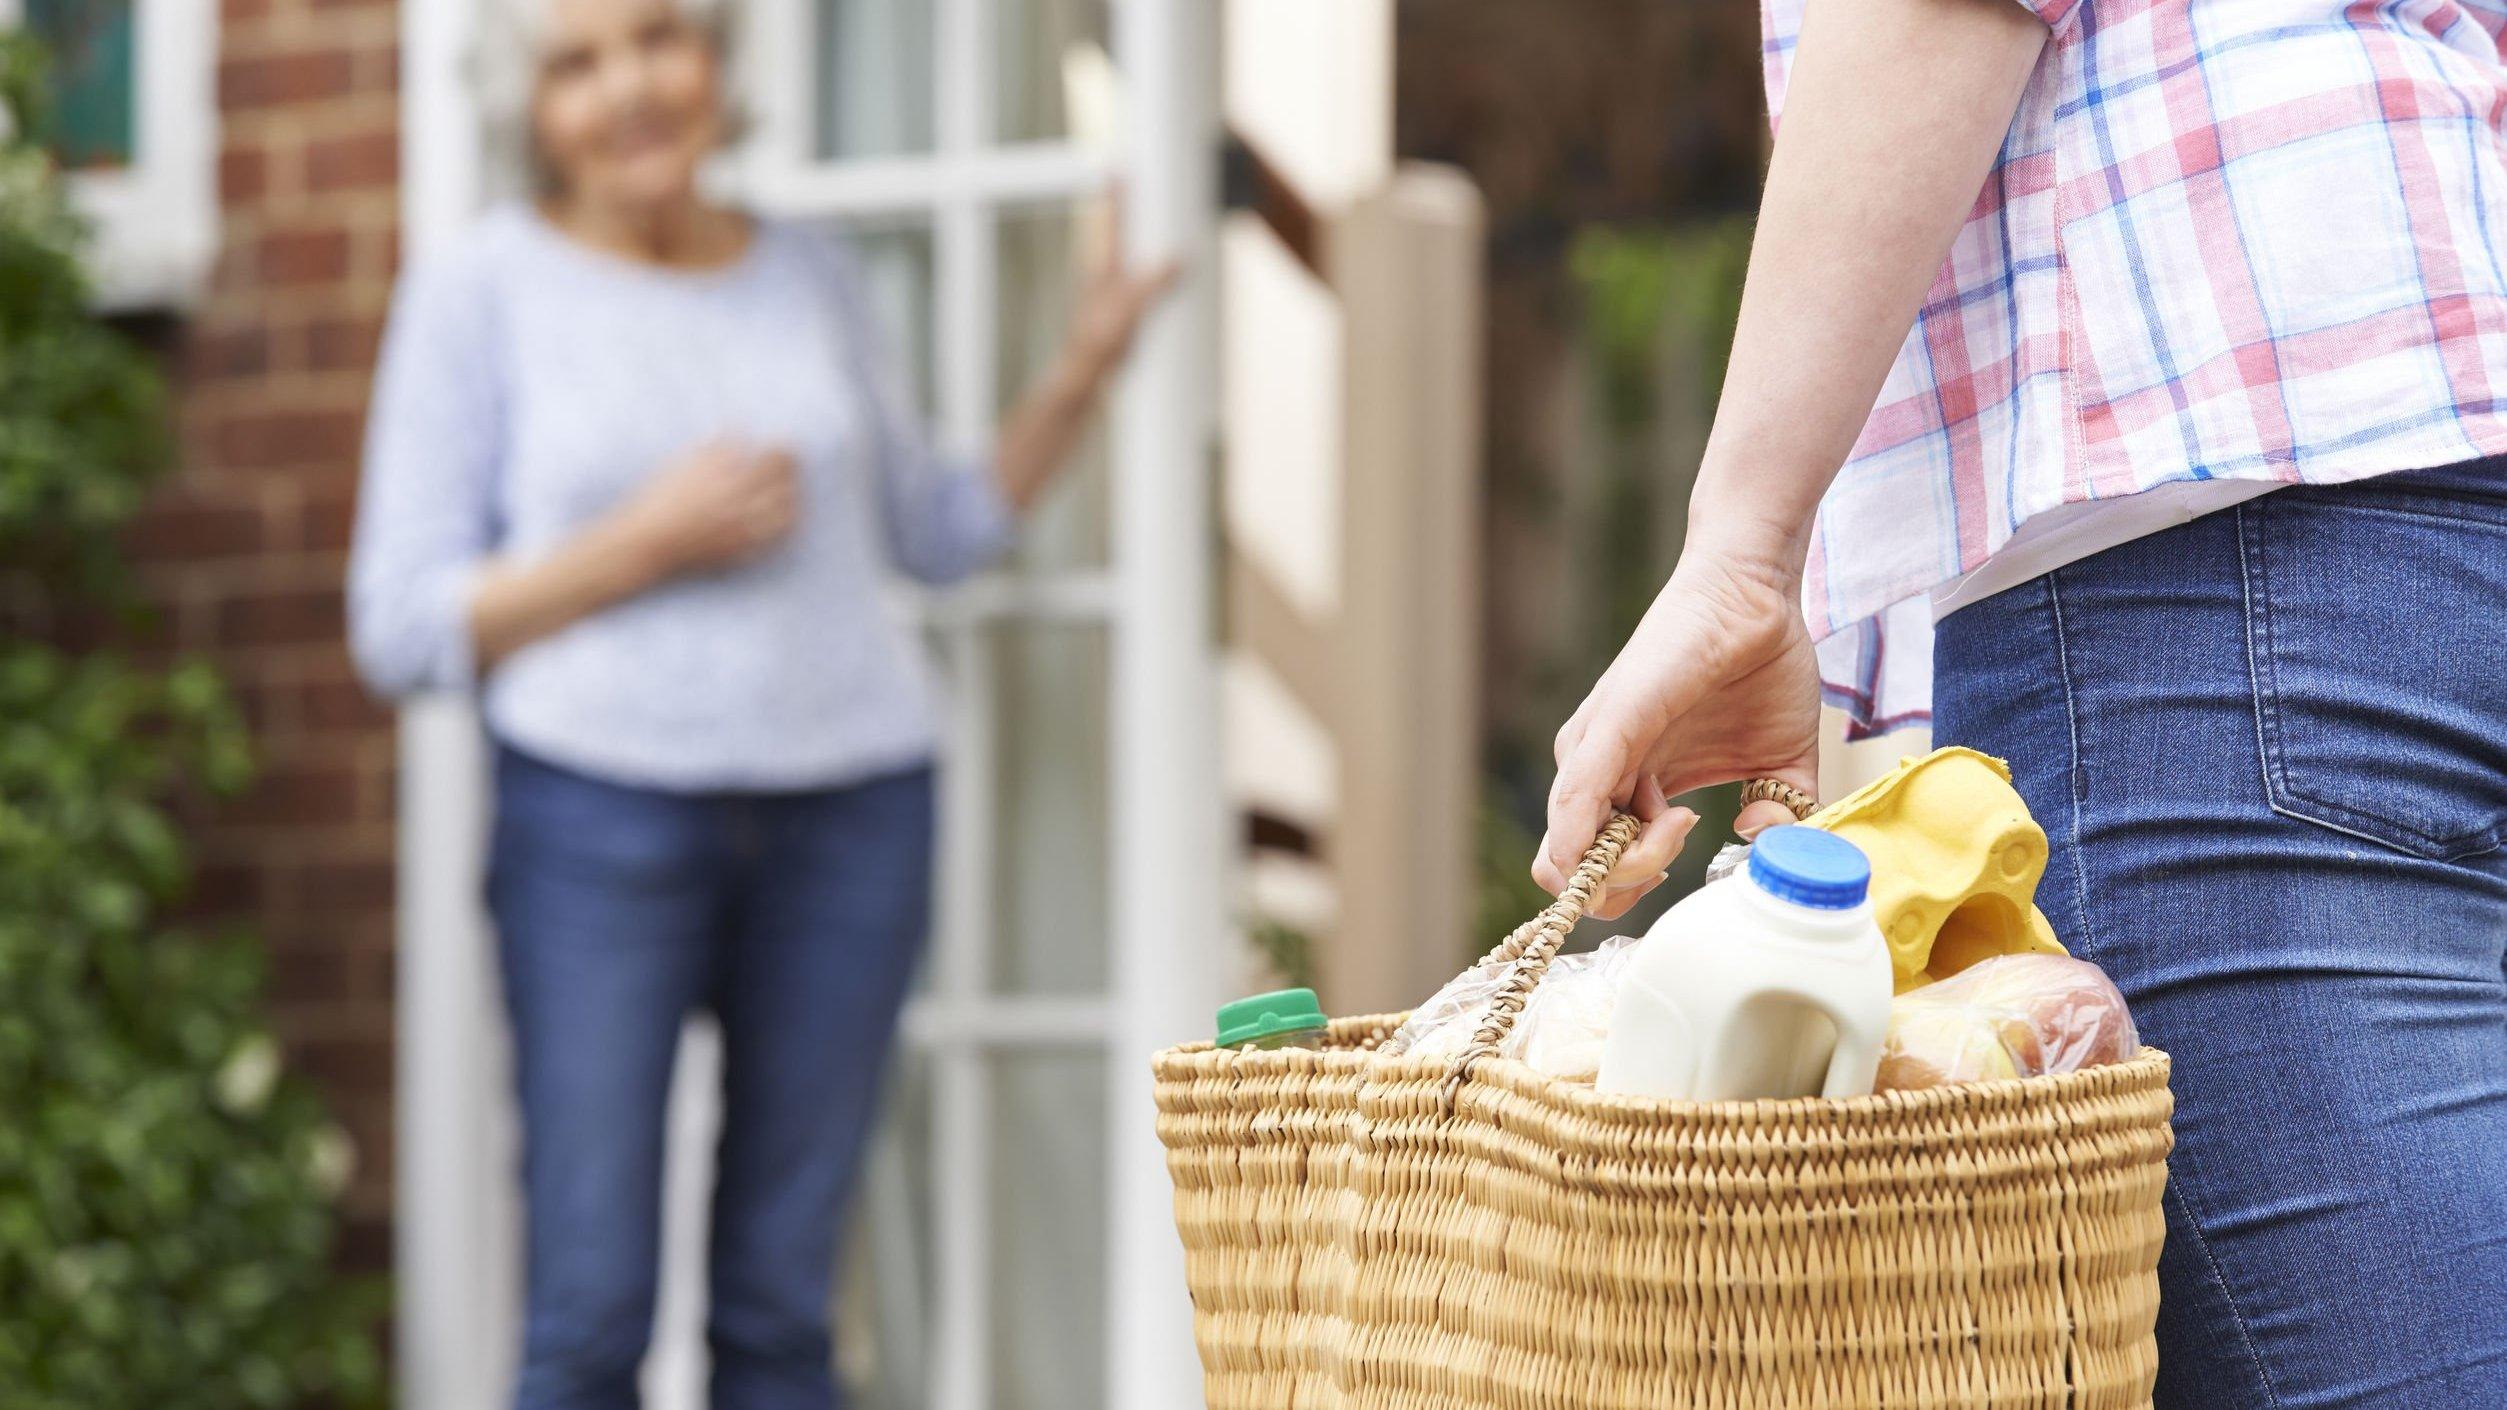 Homem segurando sacola com compras para senhora.